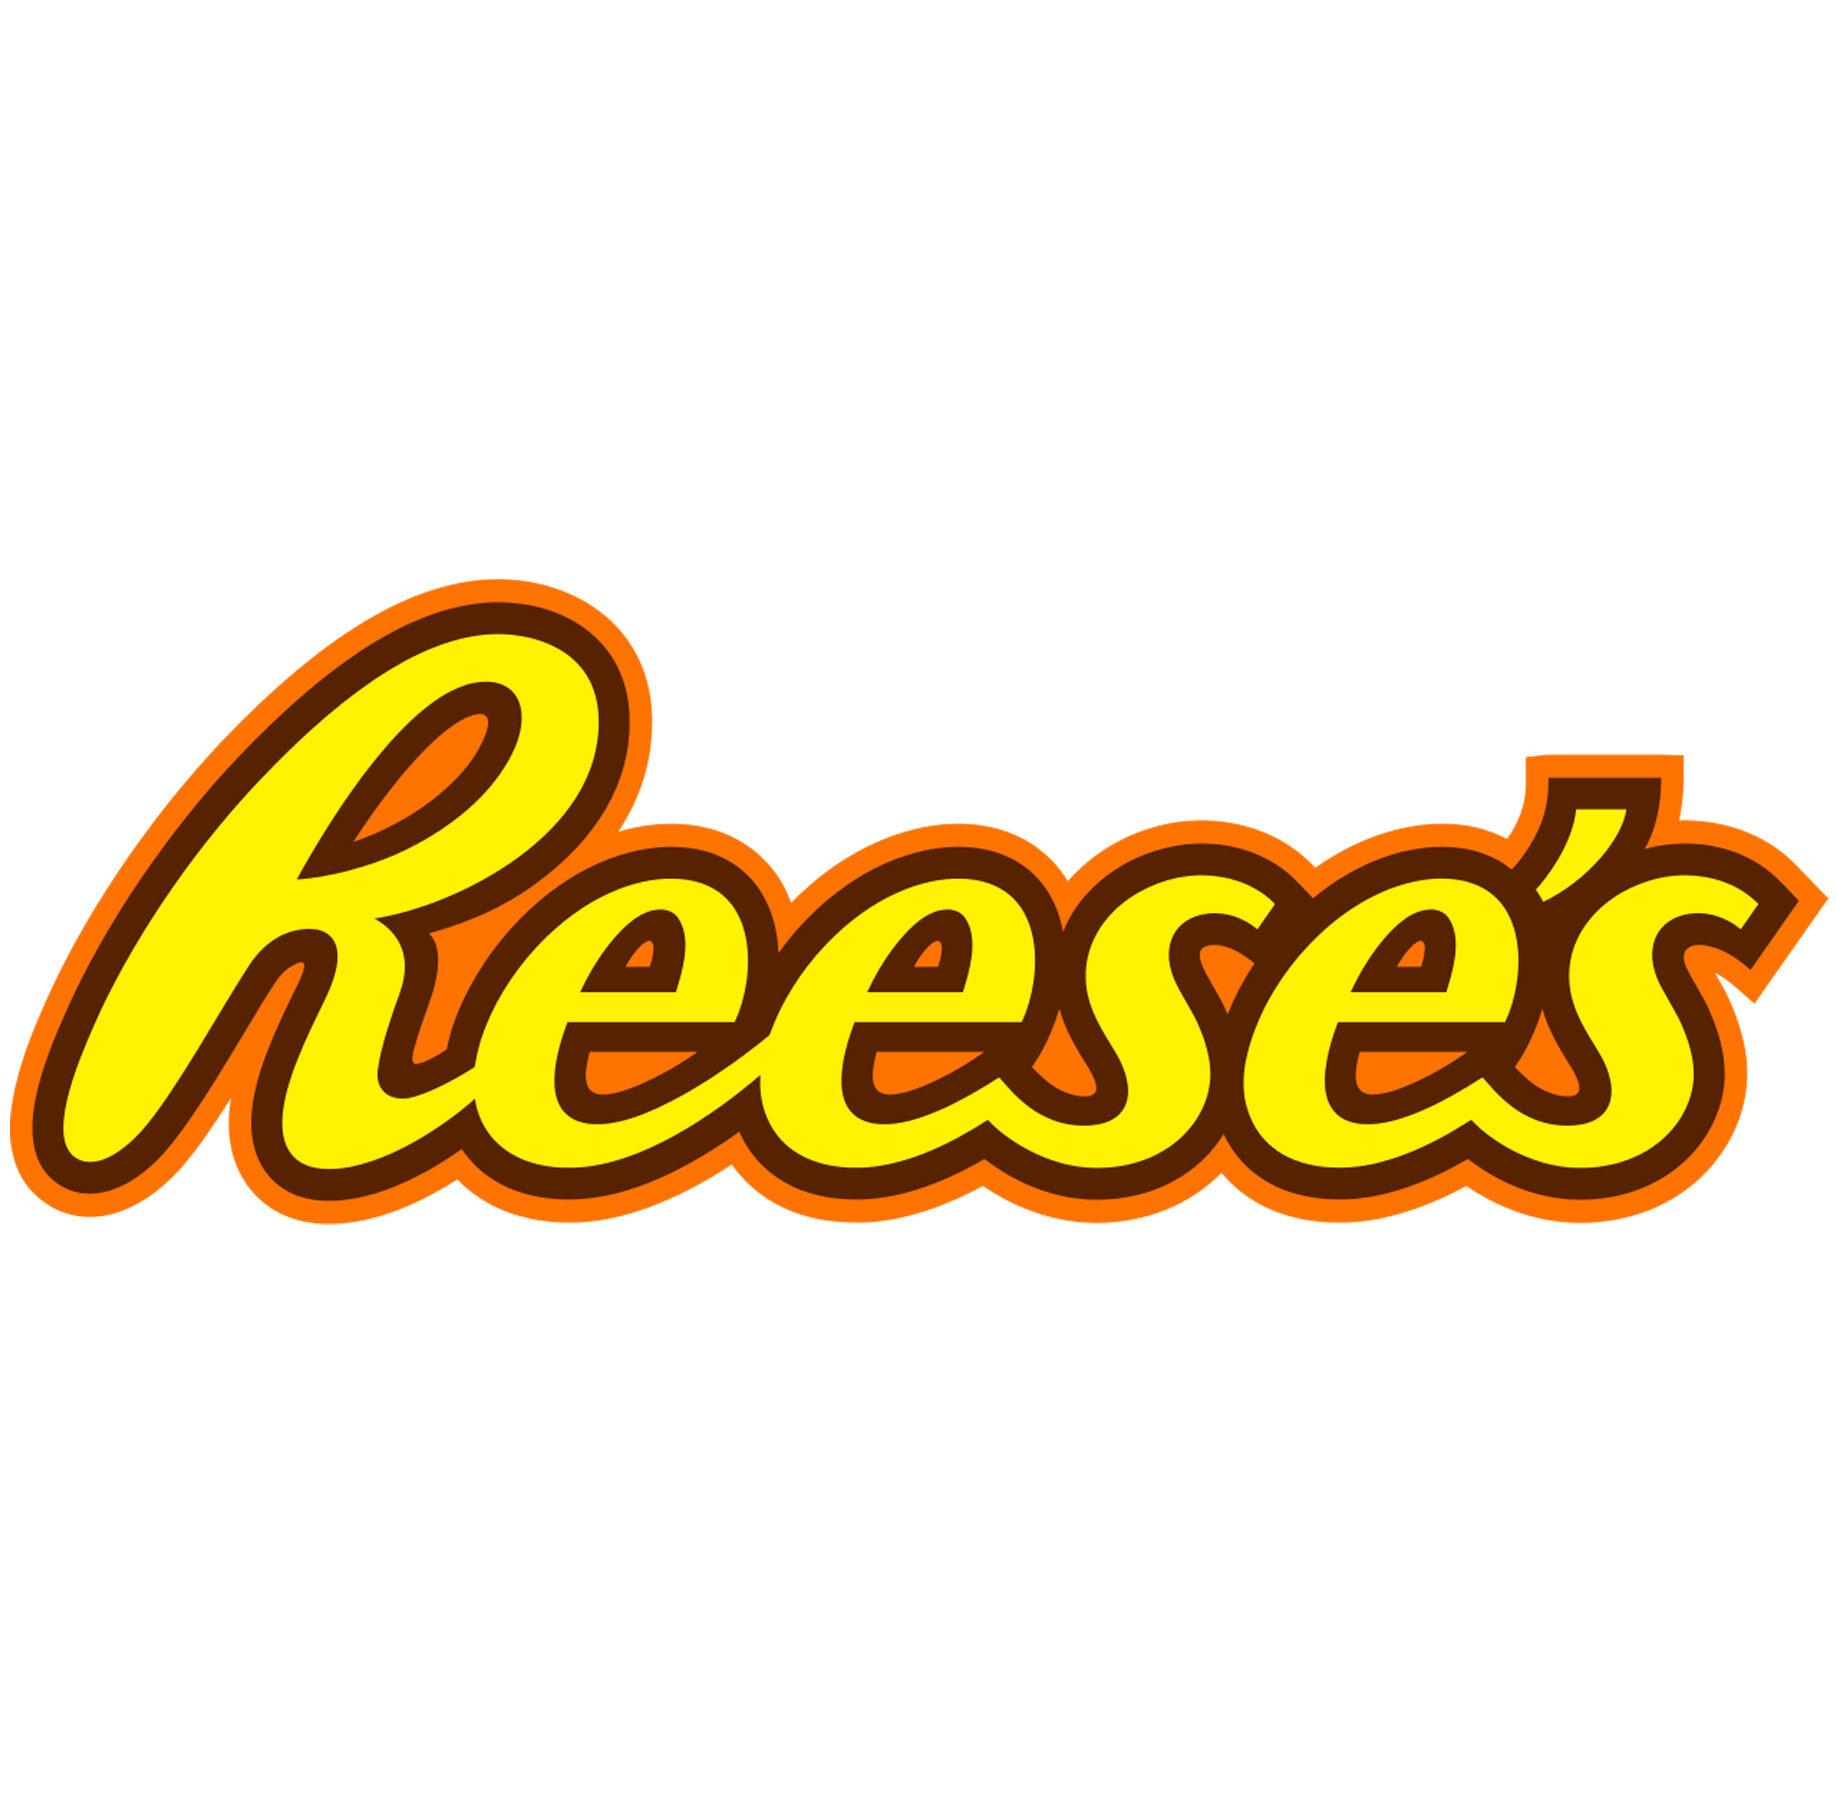 Reeses.jpg